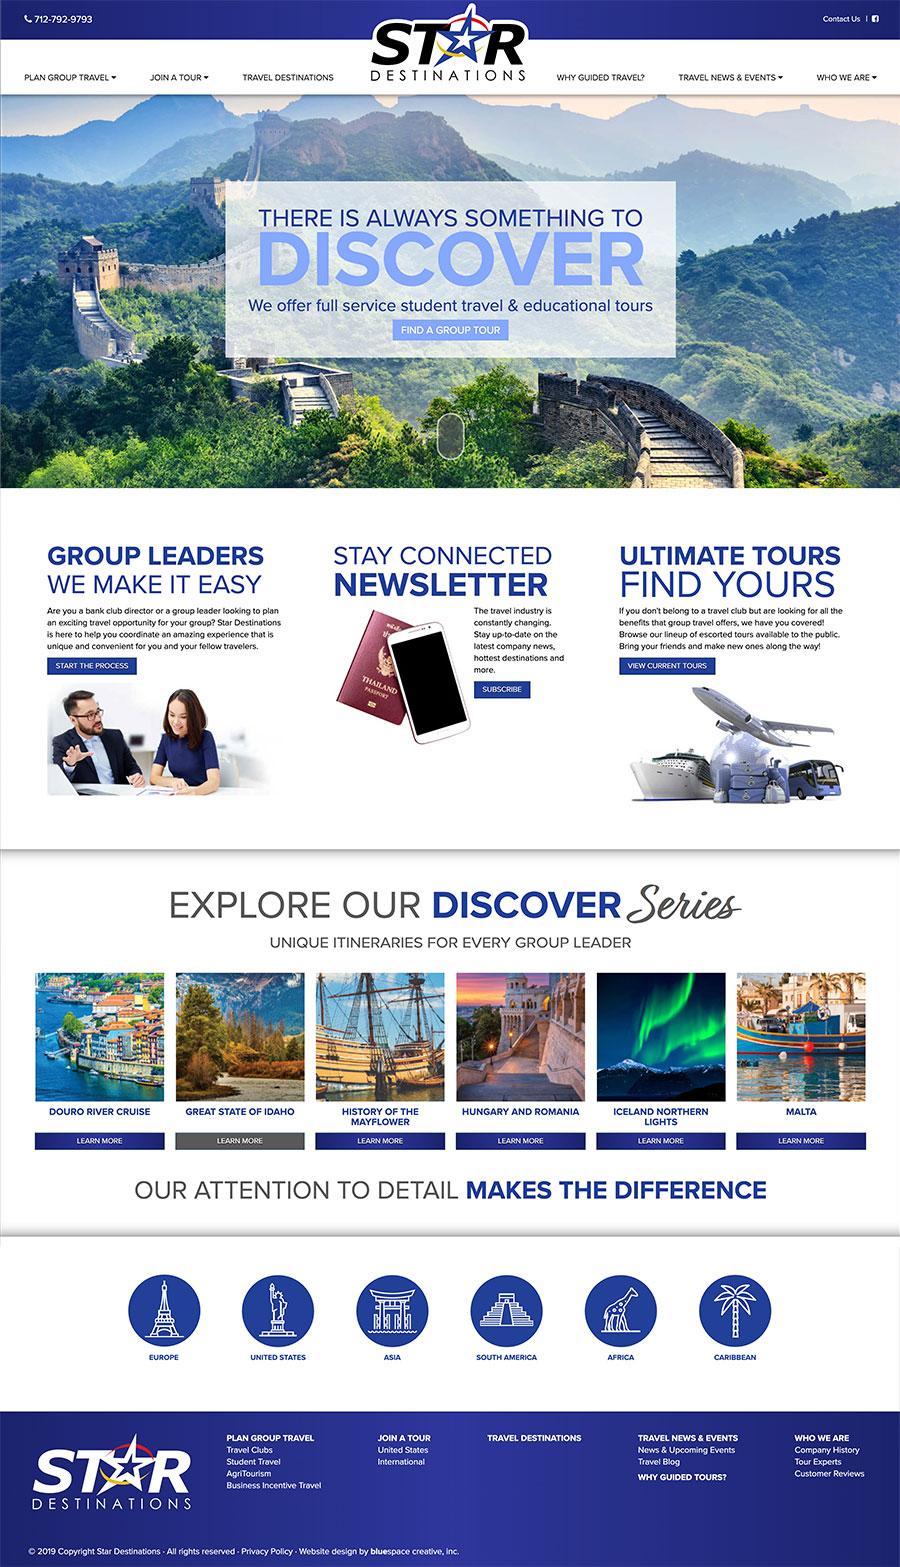 Star Destination travel planning website design